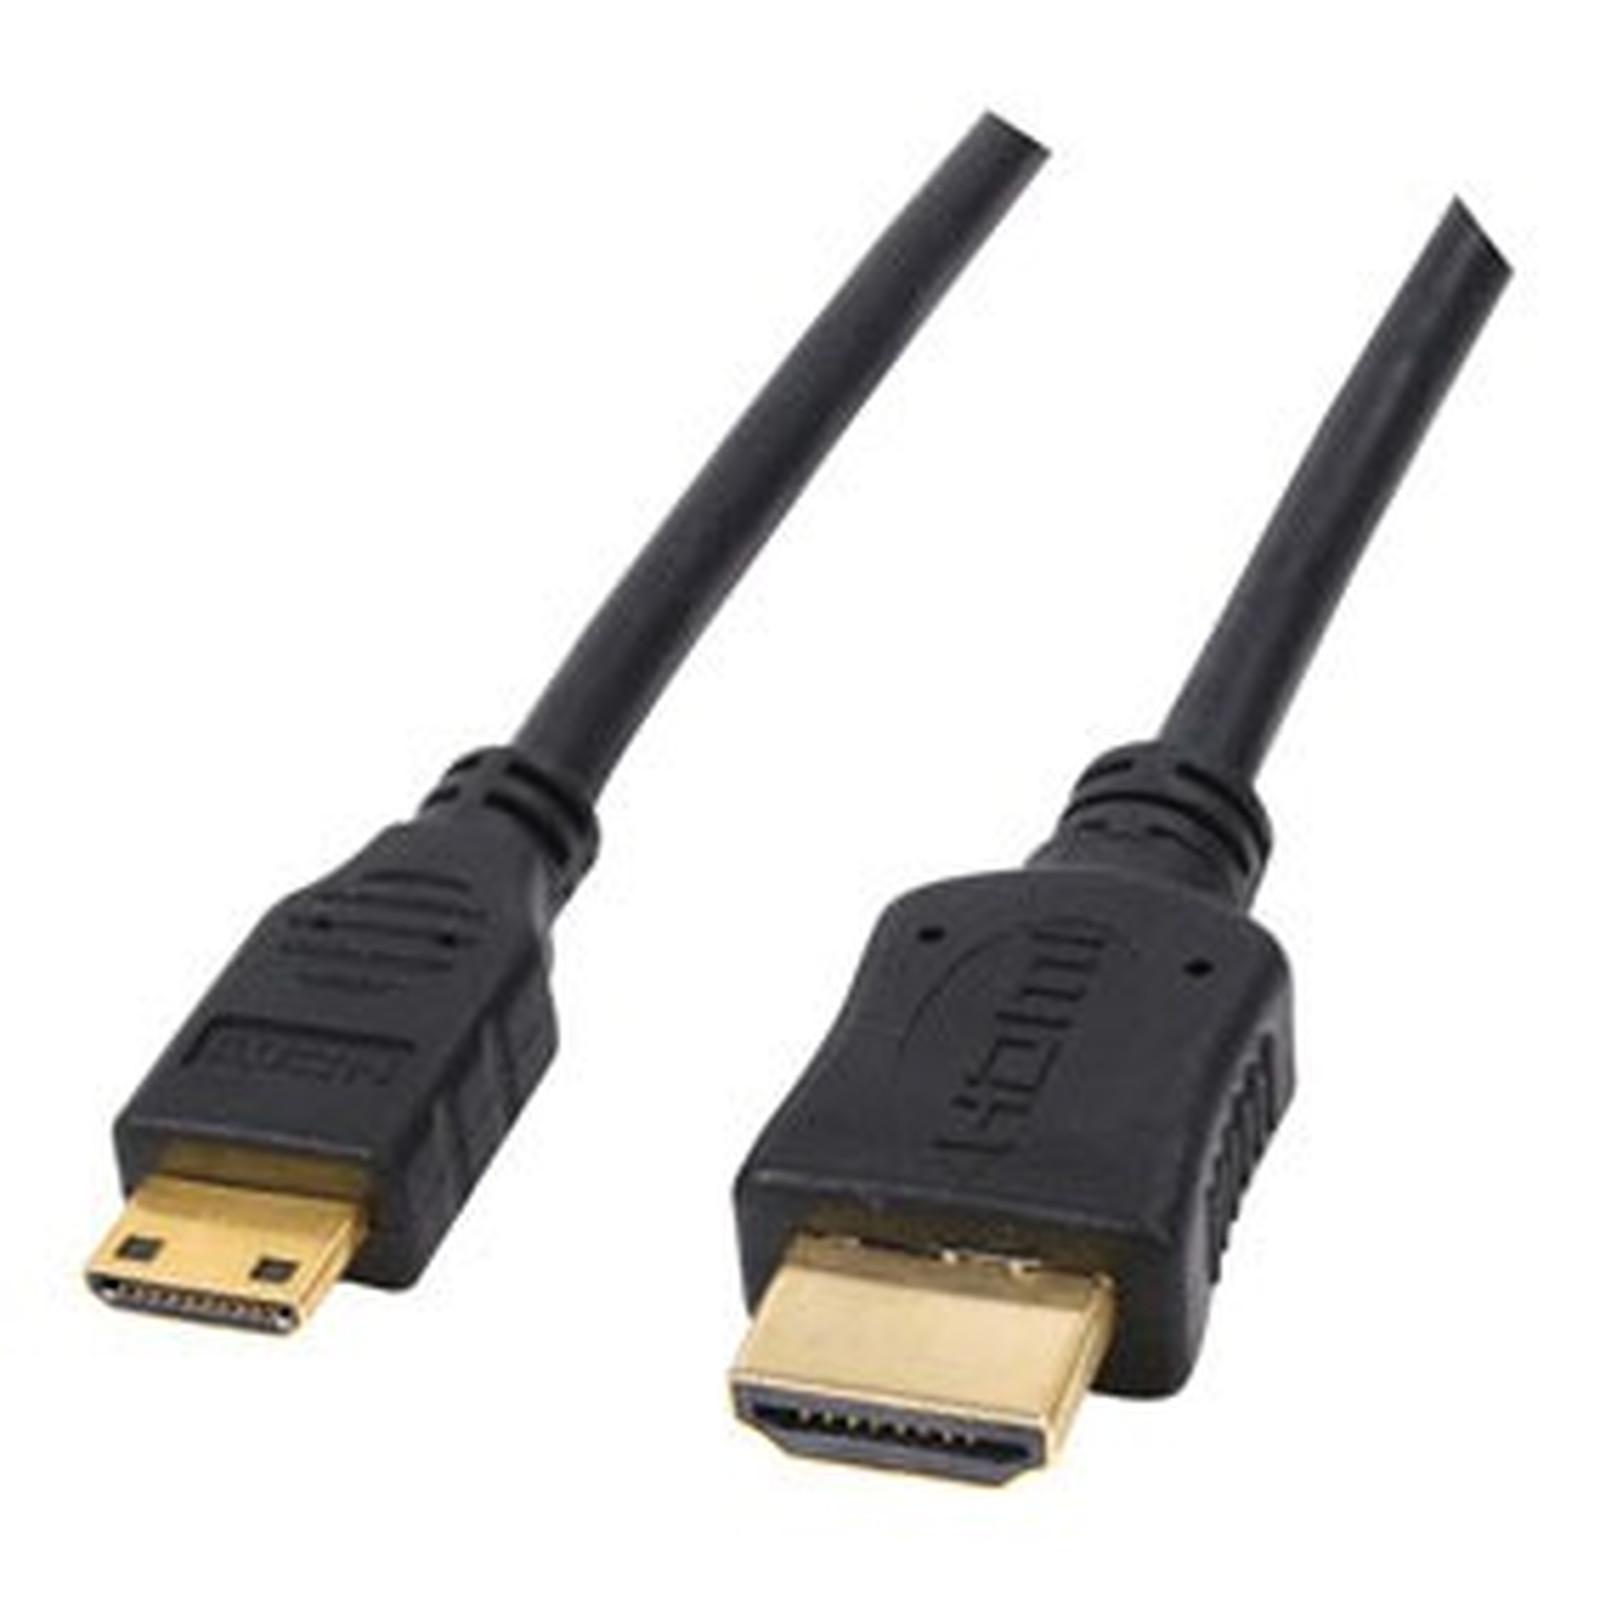 Cable HDMI macho / mini HDMI macho (chapado en oro) - (2,5 metros)